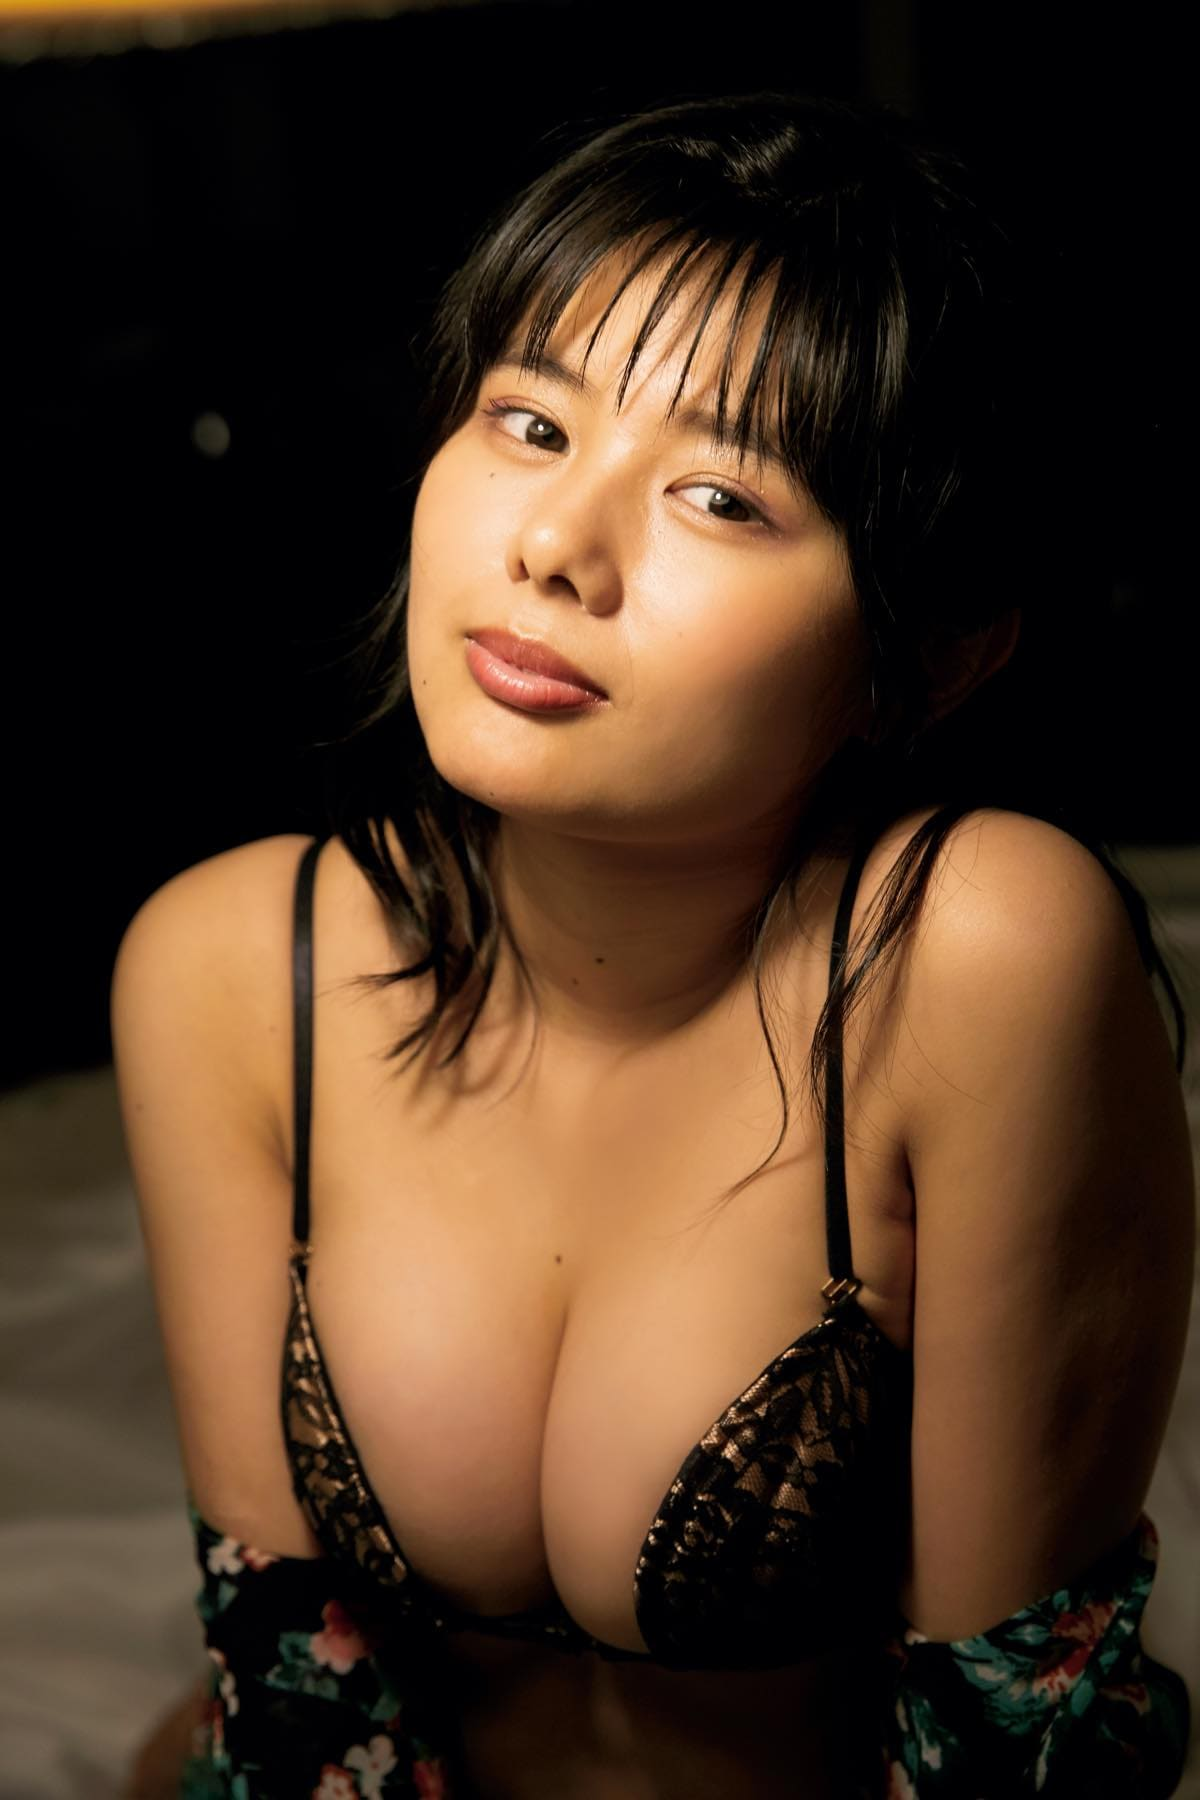 蒼山みこと「熊本からきた純朴少女」のムッチムチボディ【写真10枚】の画像006